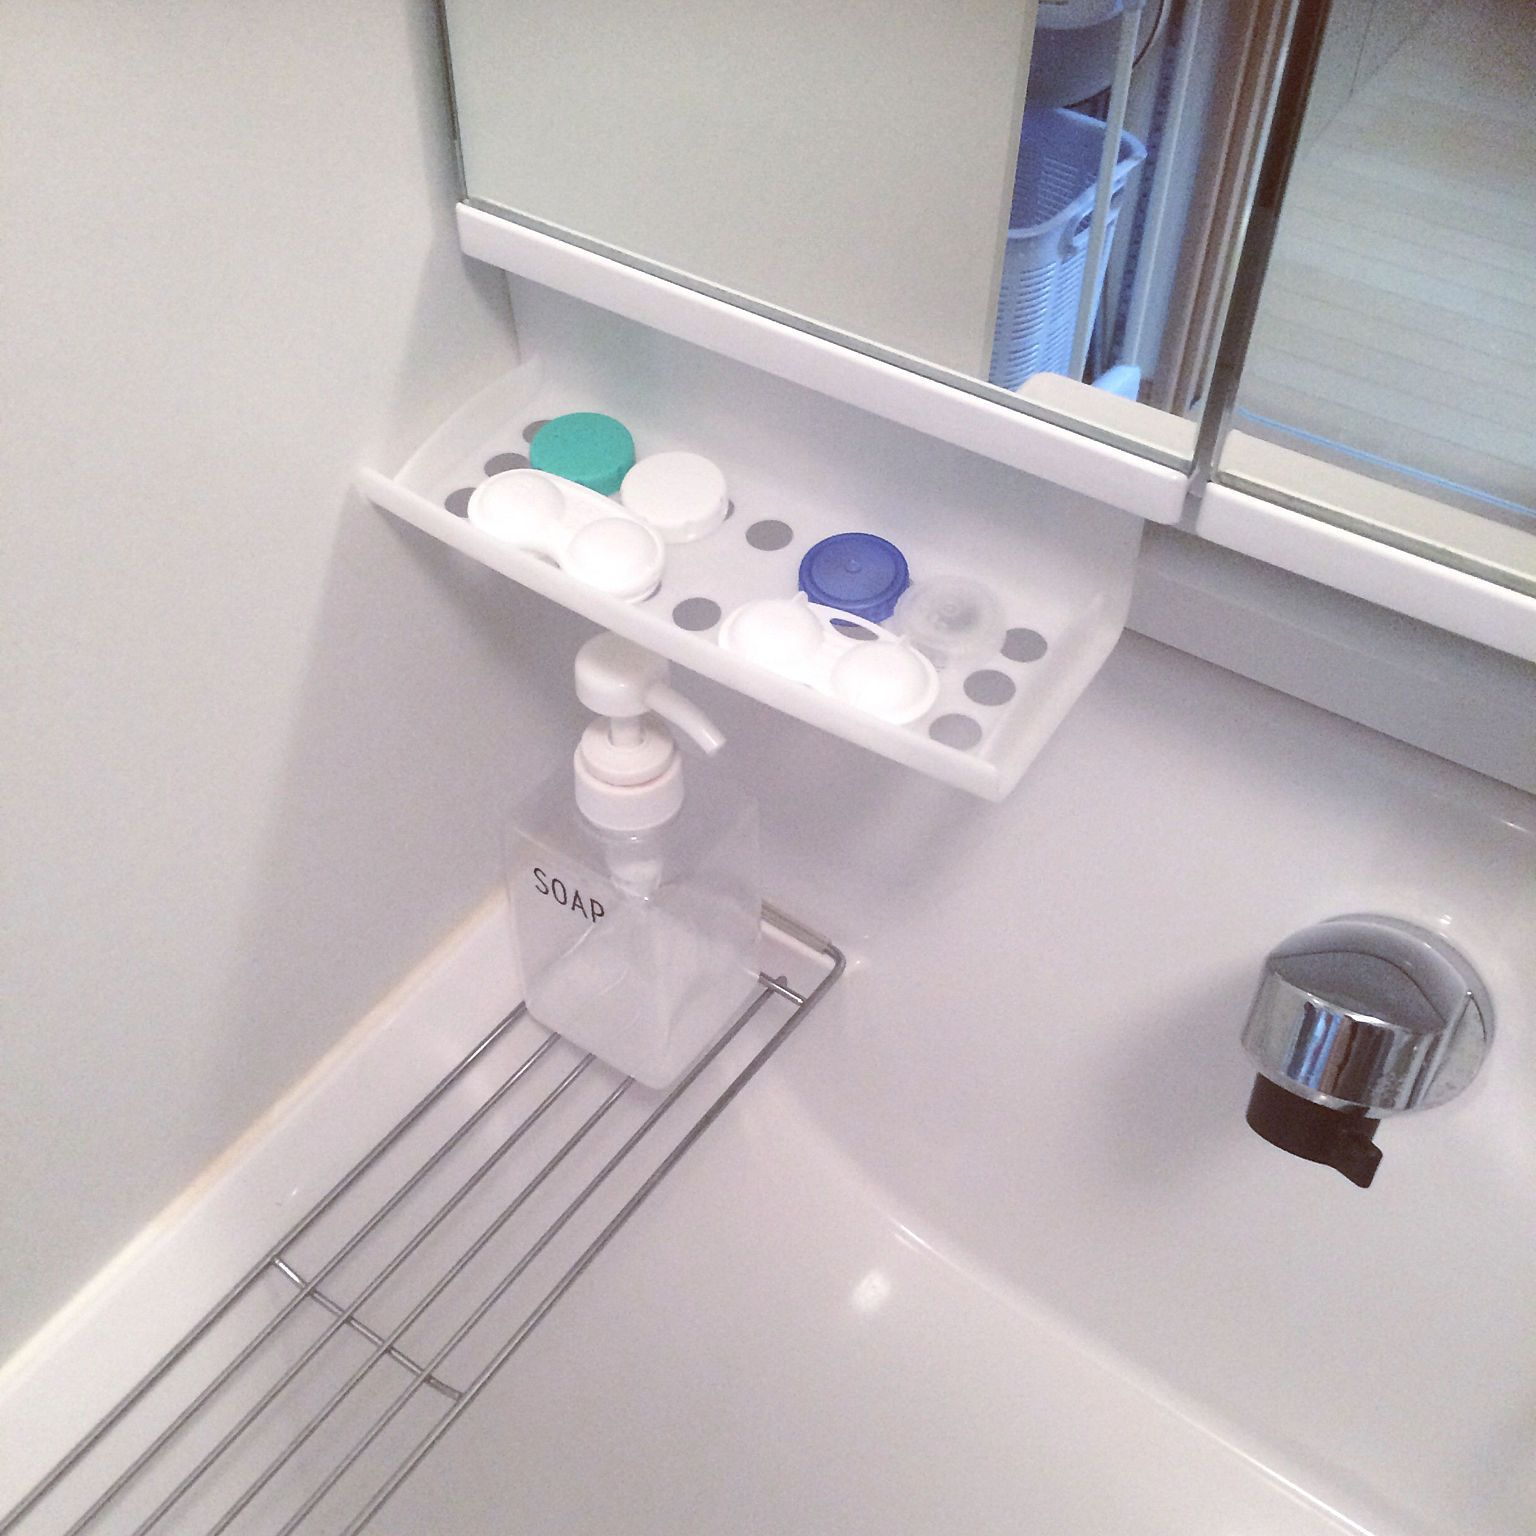 バス トイレ 乾燥場所 視力悪い人 突っ張り棒 収納 などのインテリア